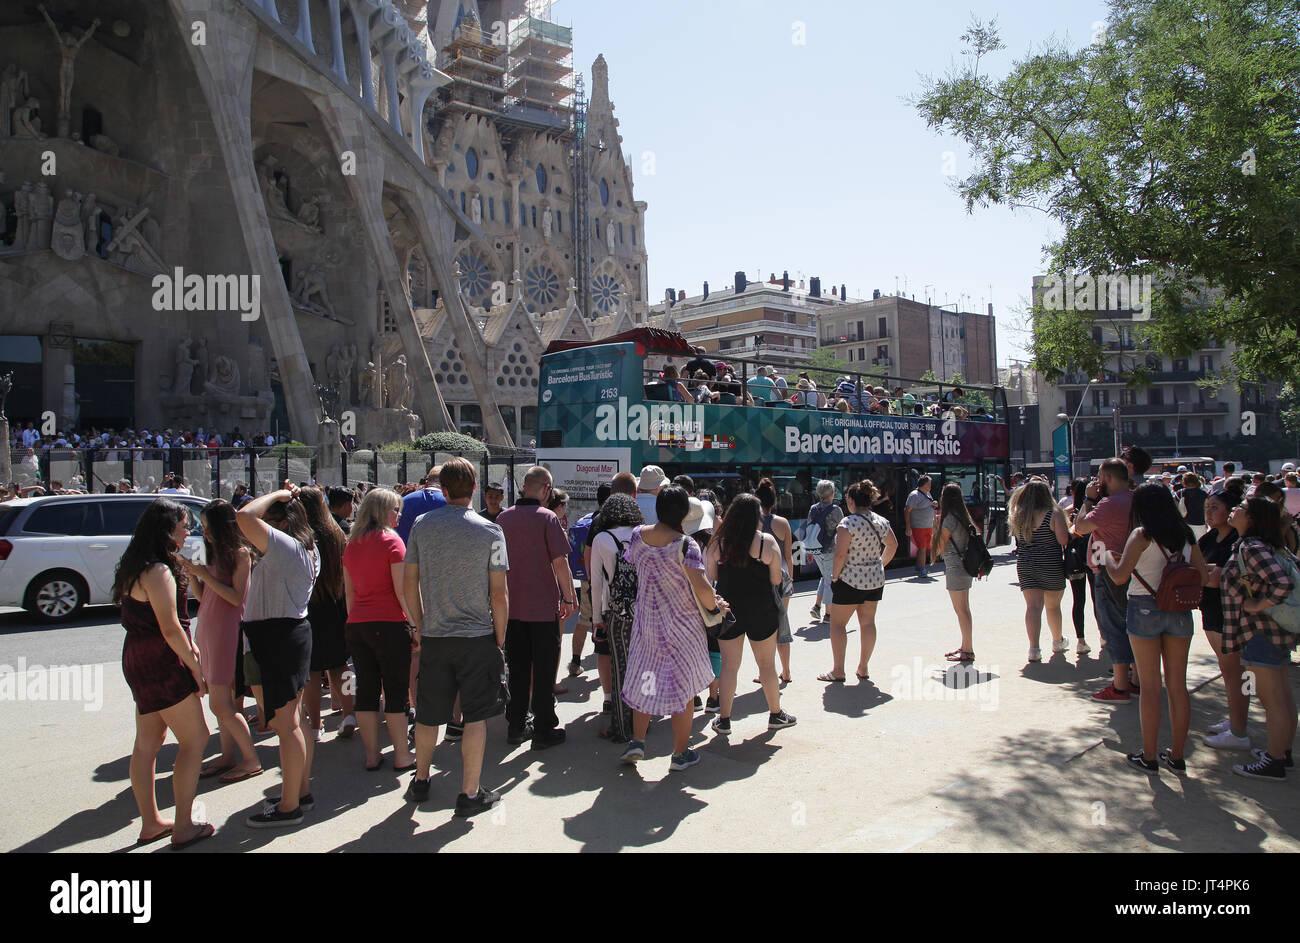 Le tourisme de masse de Barcelone à La Sagrada Familia.Espagne Photo Stock